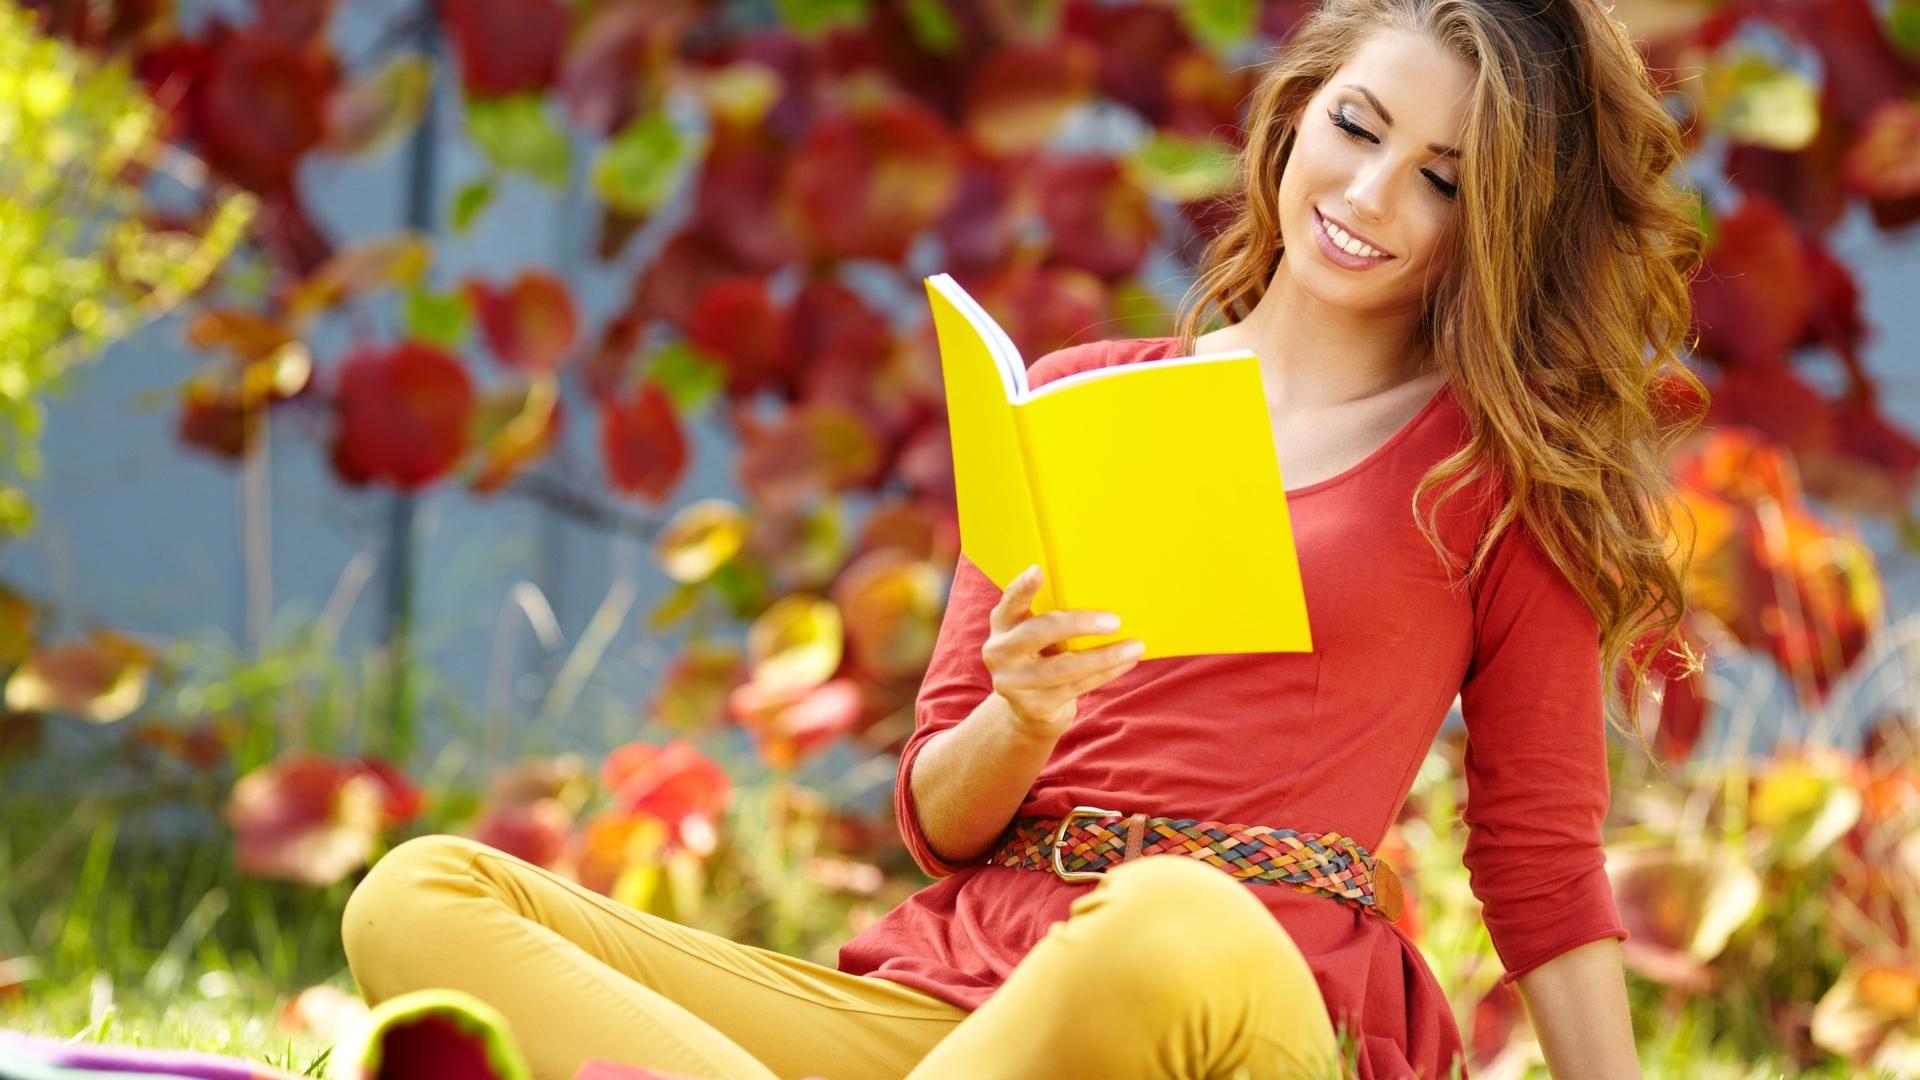 女性 外国人 読書 13